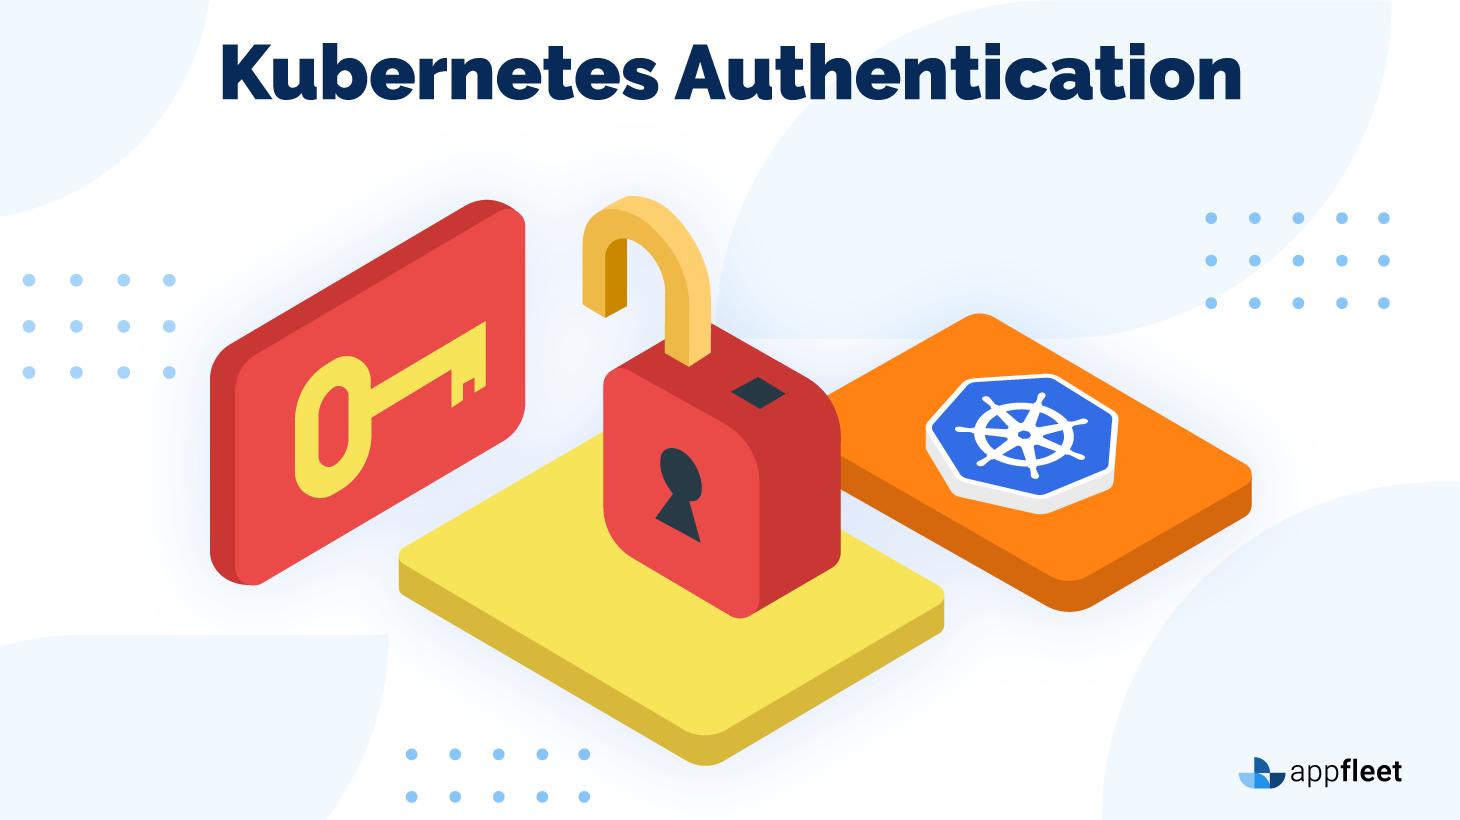 Kubernetes Authentication